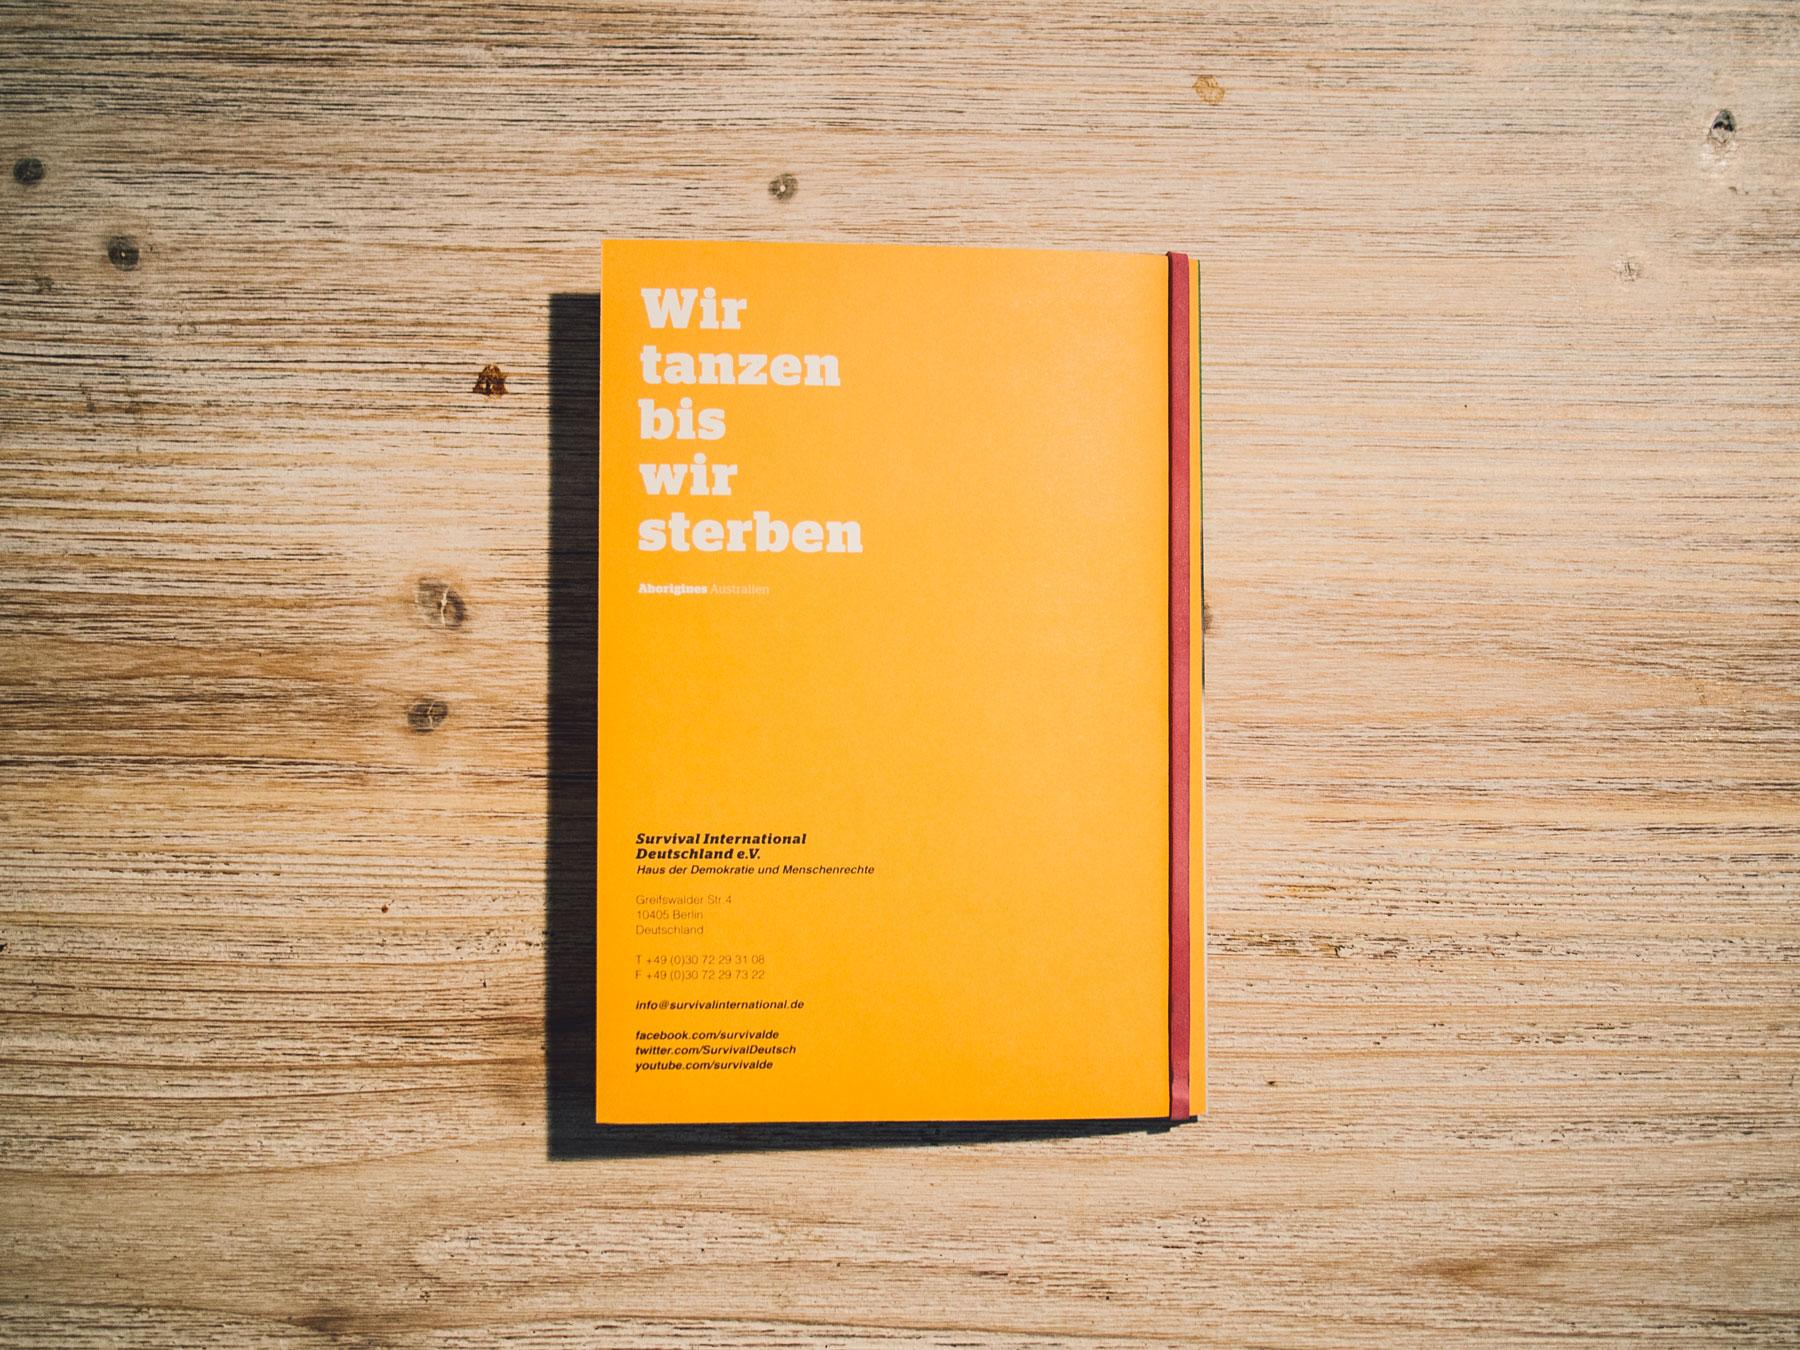 Abbildung der Rückseite des Handbuchs